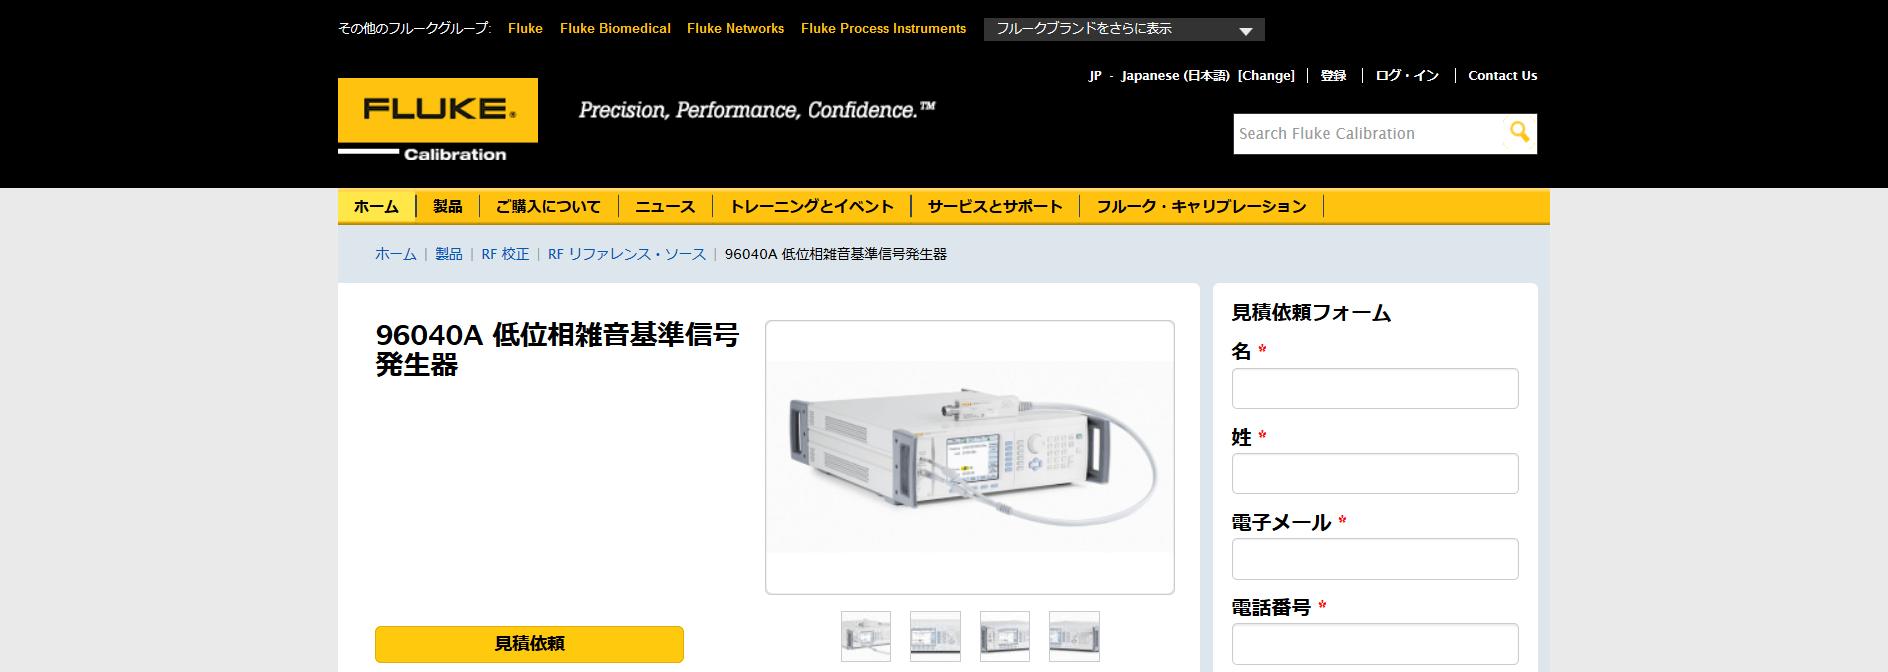 96040A 低位相雑音基準信号発生器